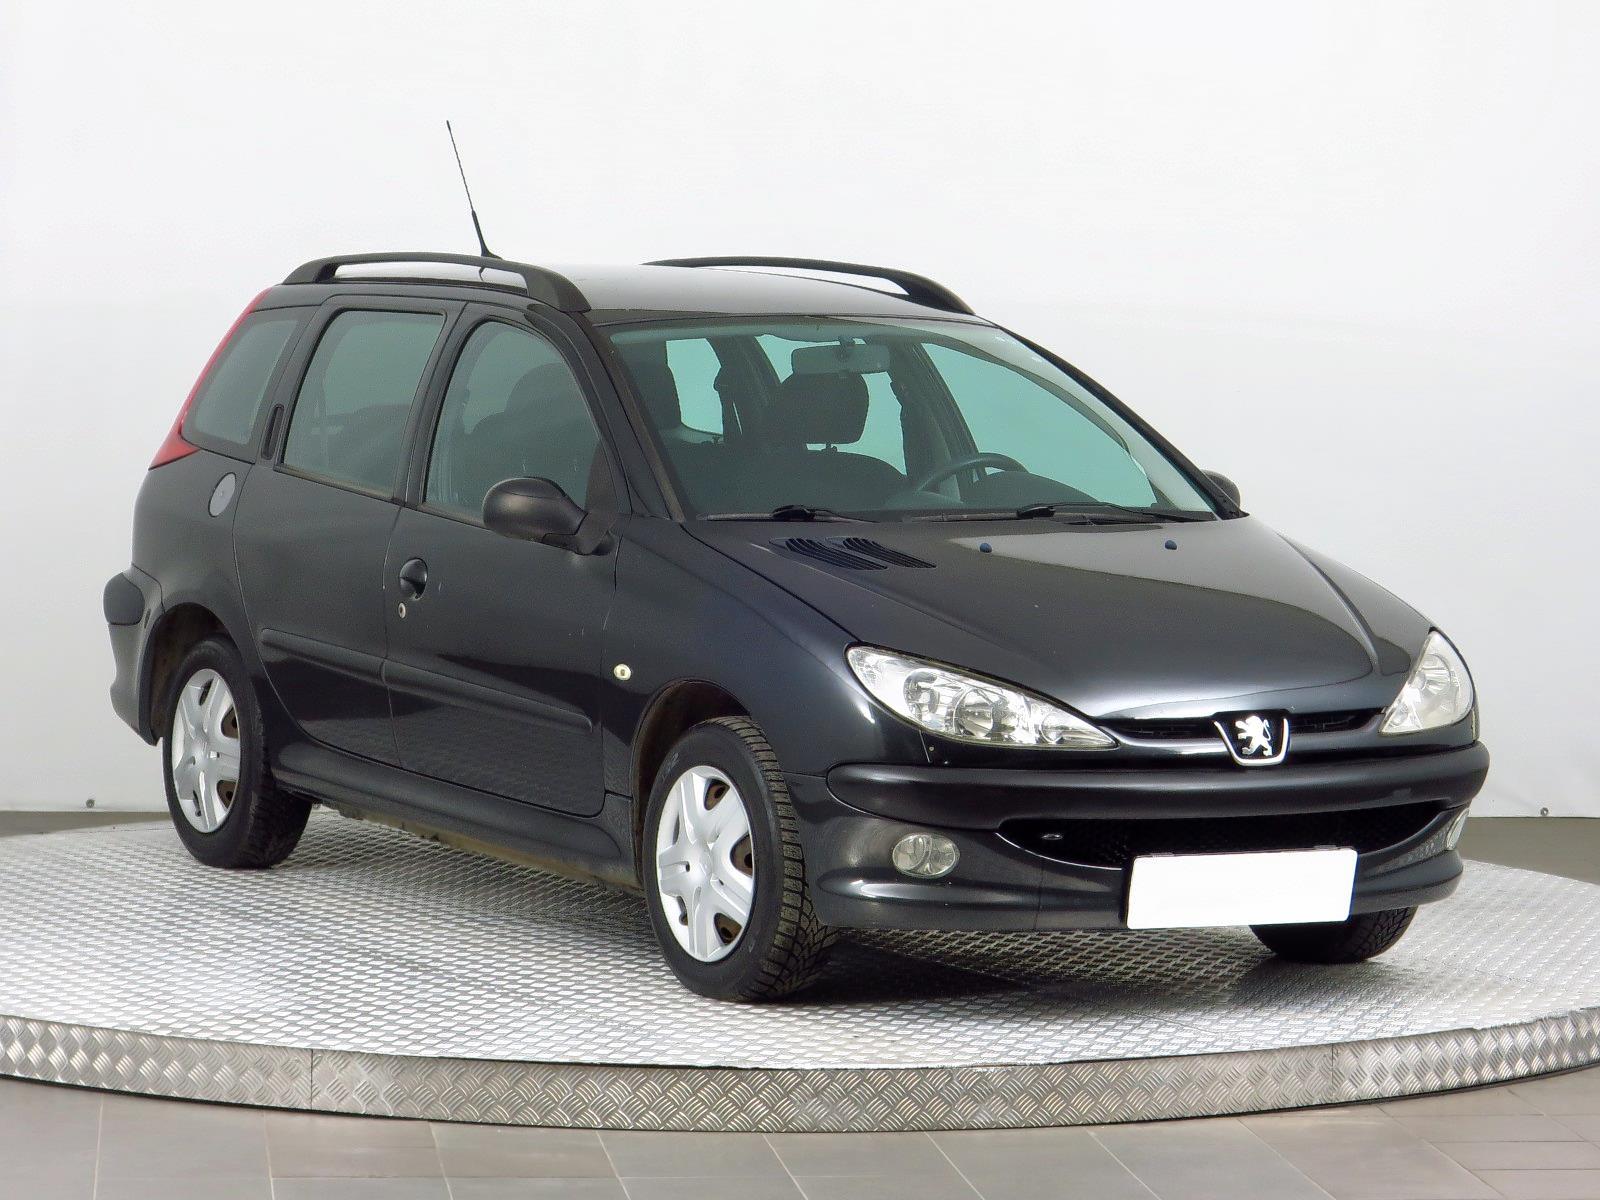 Peugeot 206, 2005